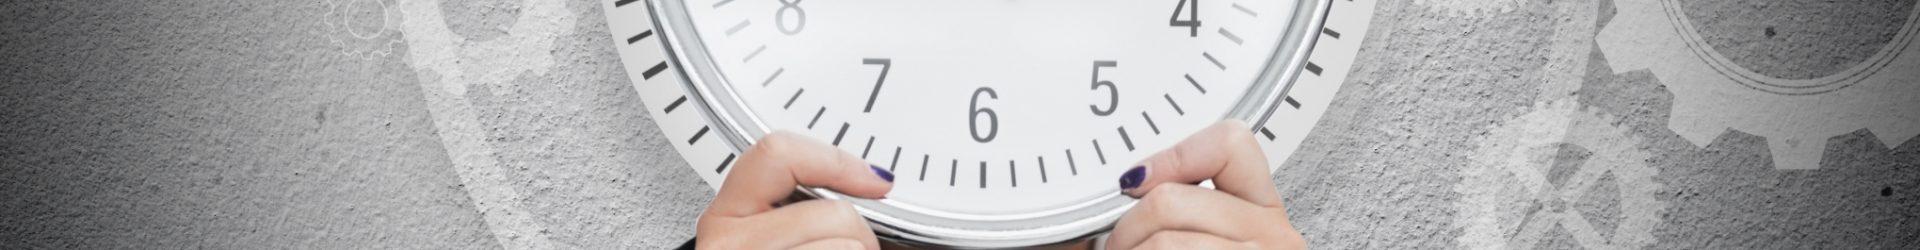 Как работать 40 часов в неделю и ни часом больше